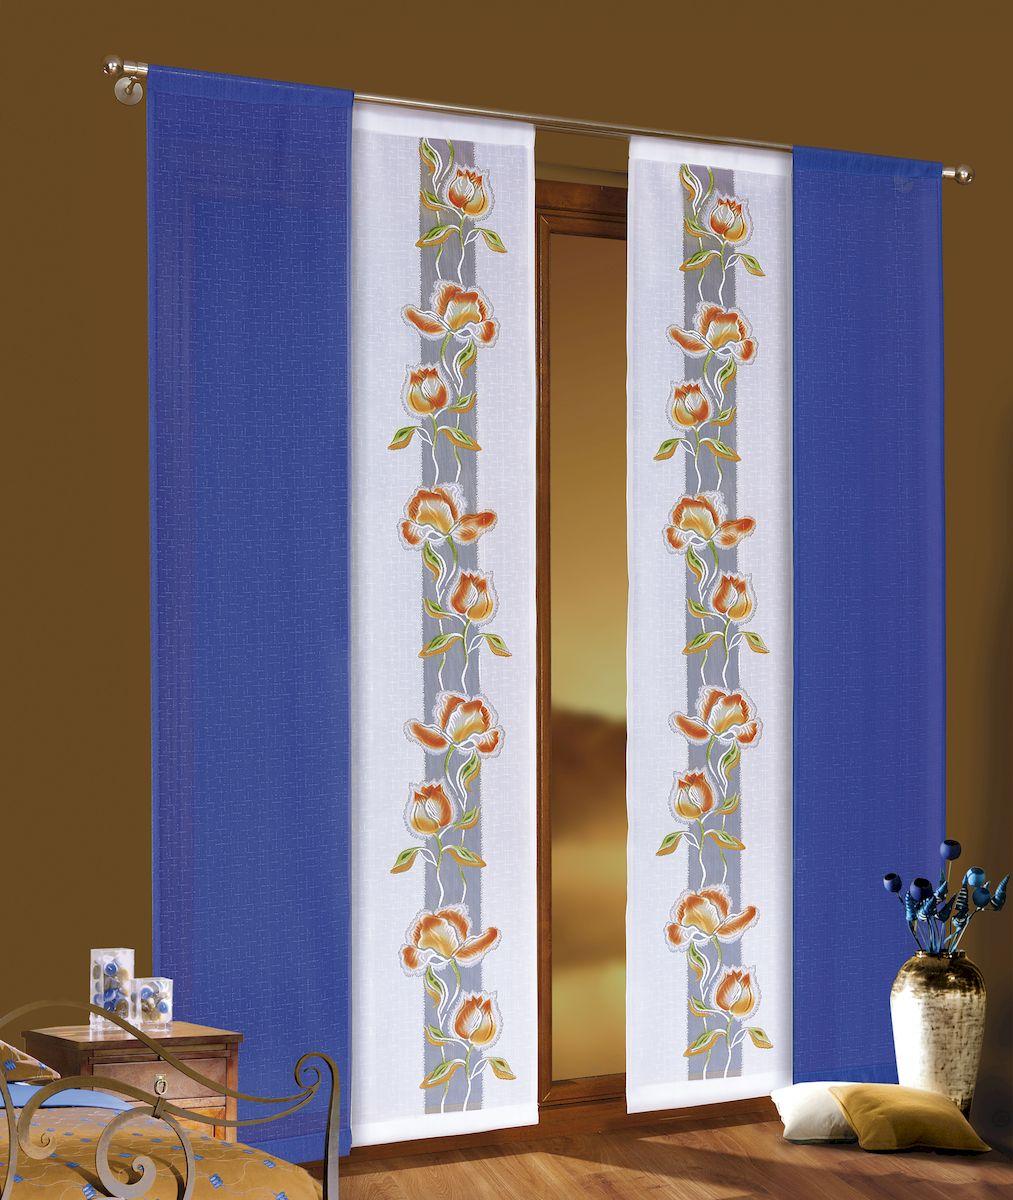 Комплект гардин-панно Wisan, цвет: синий, оранжевый, высота 220 см. 34573457Комплект гардин, крепление на штангу. 4 шт Размер: ширина 49 x высота 220 x 4